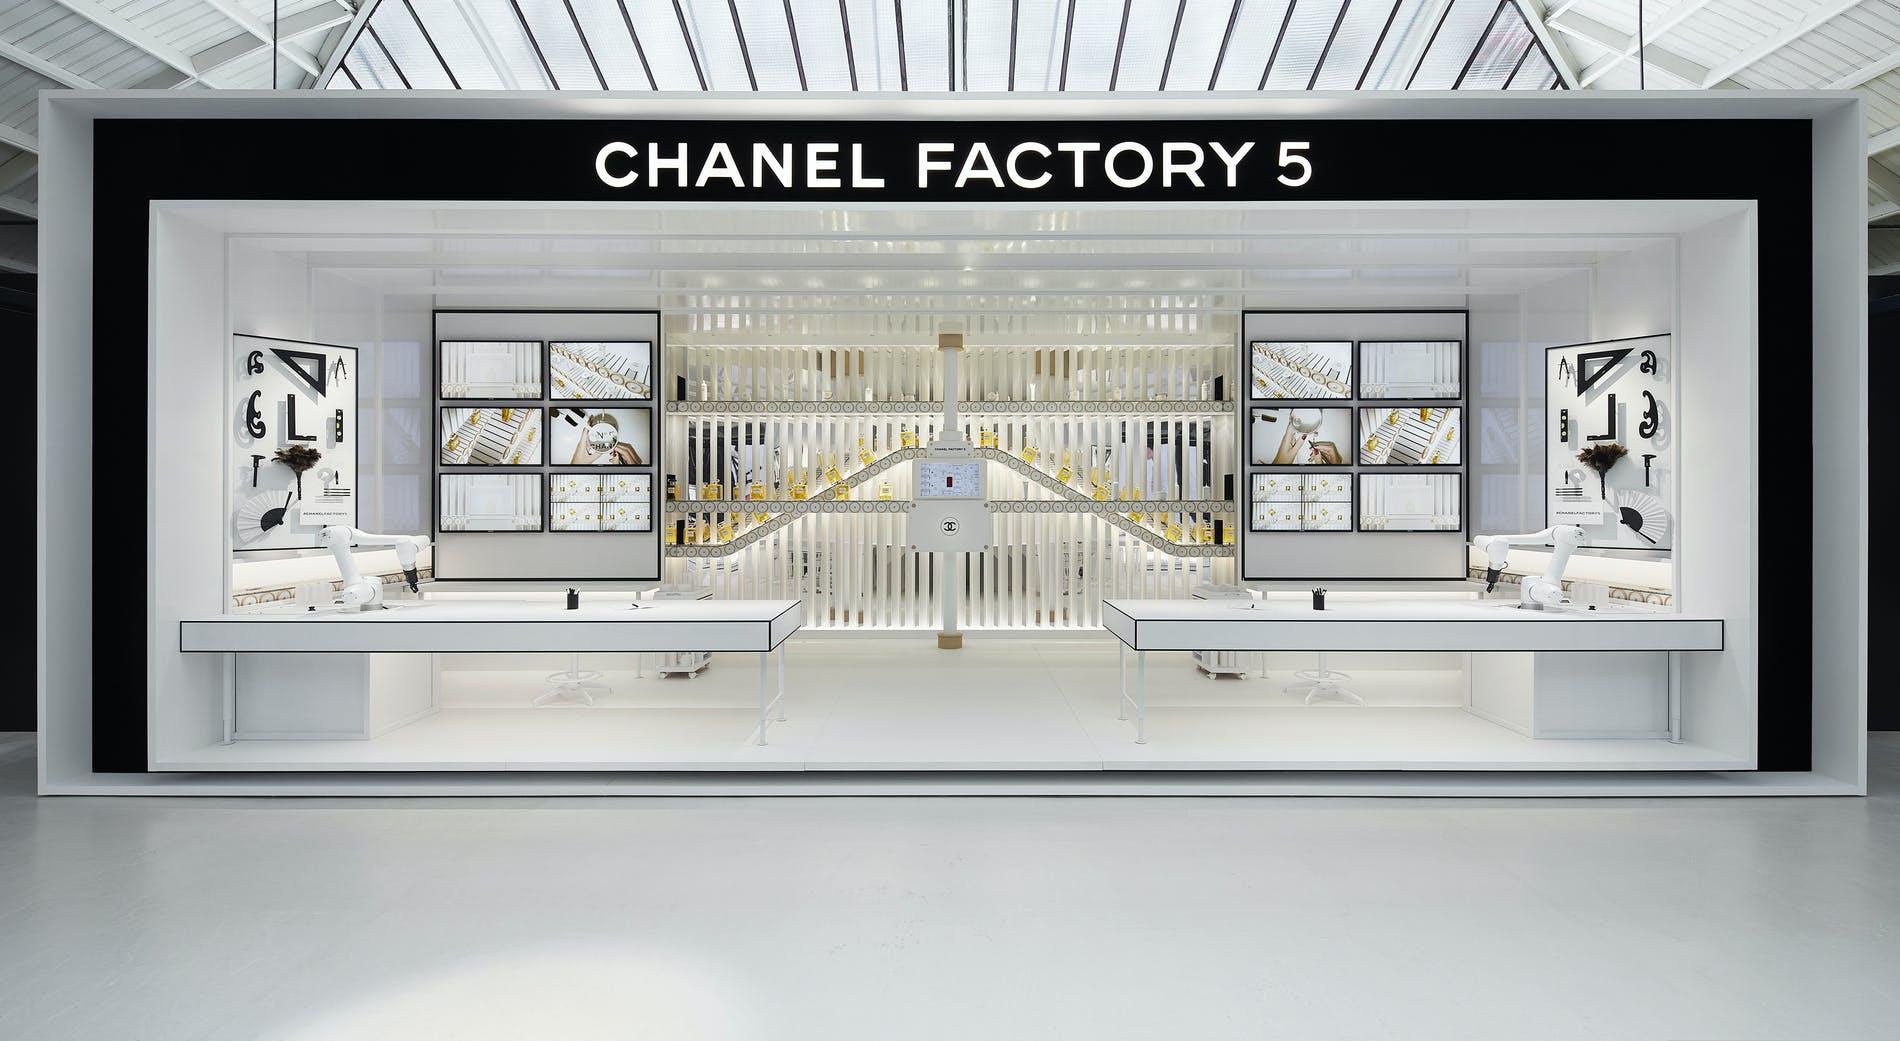 CHANEL FACTORY 5: La Pop-Up Store de la Maison donde podrás vivir una experiencia de lujo dentro de una fábrica ultramoderna